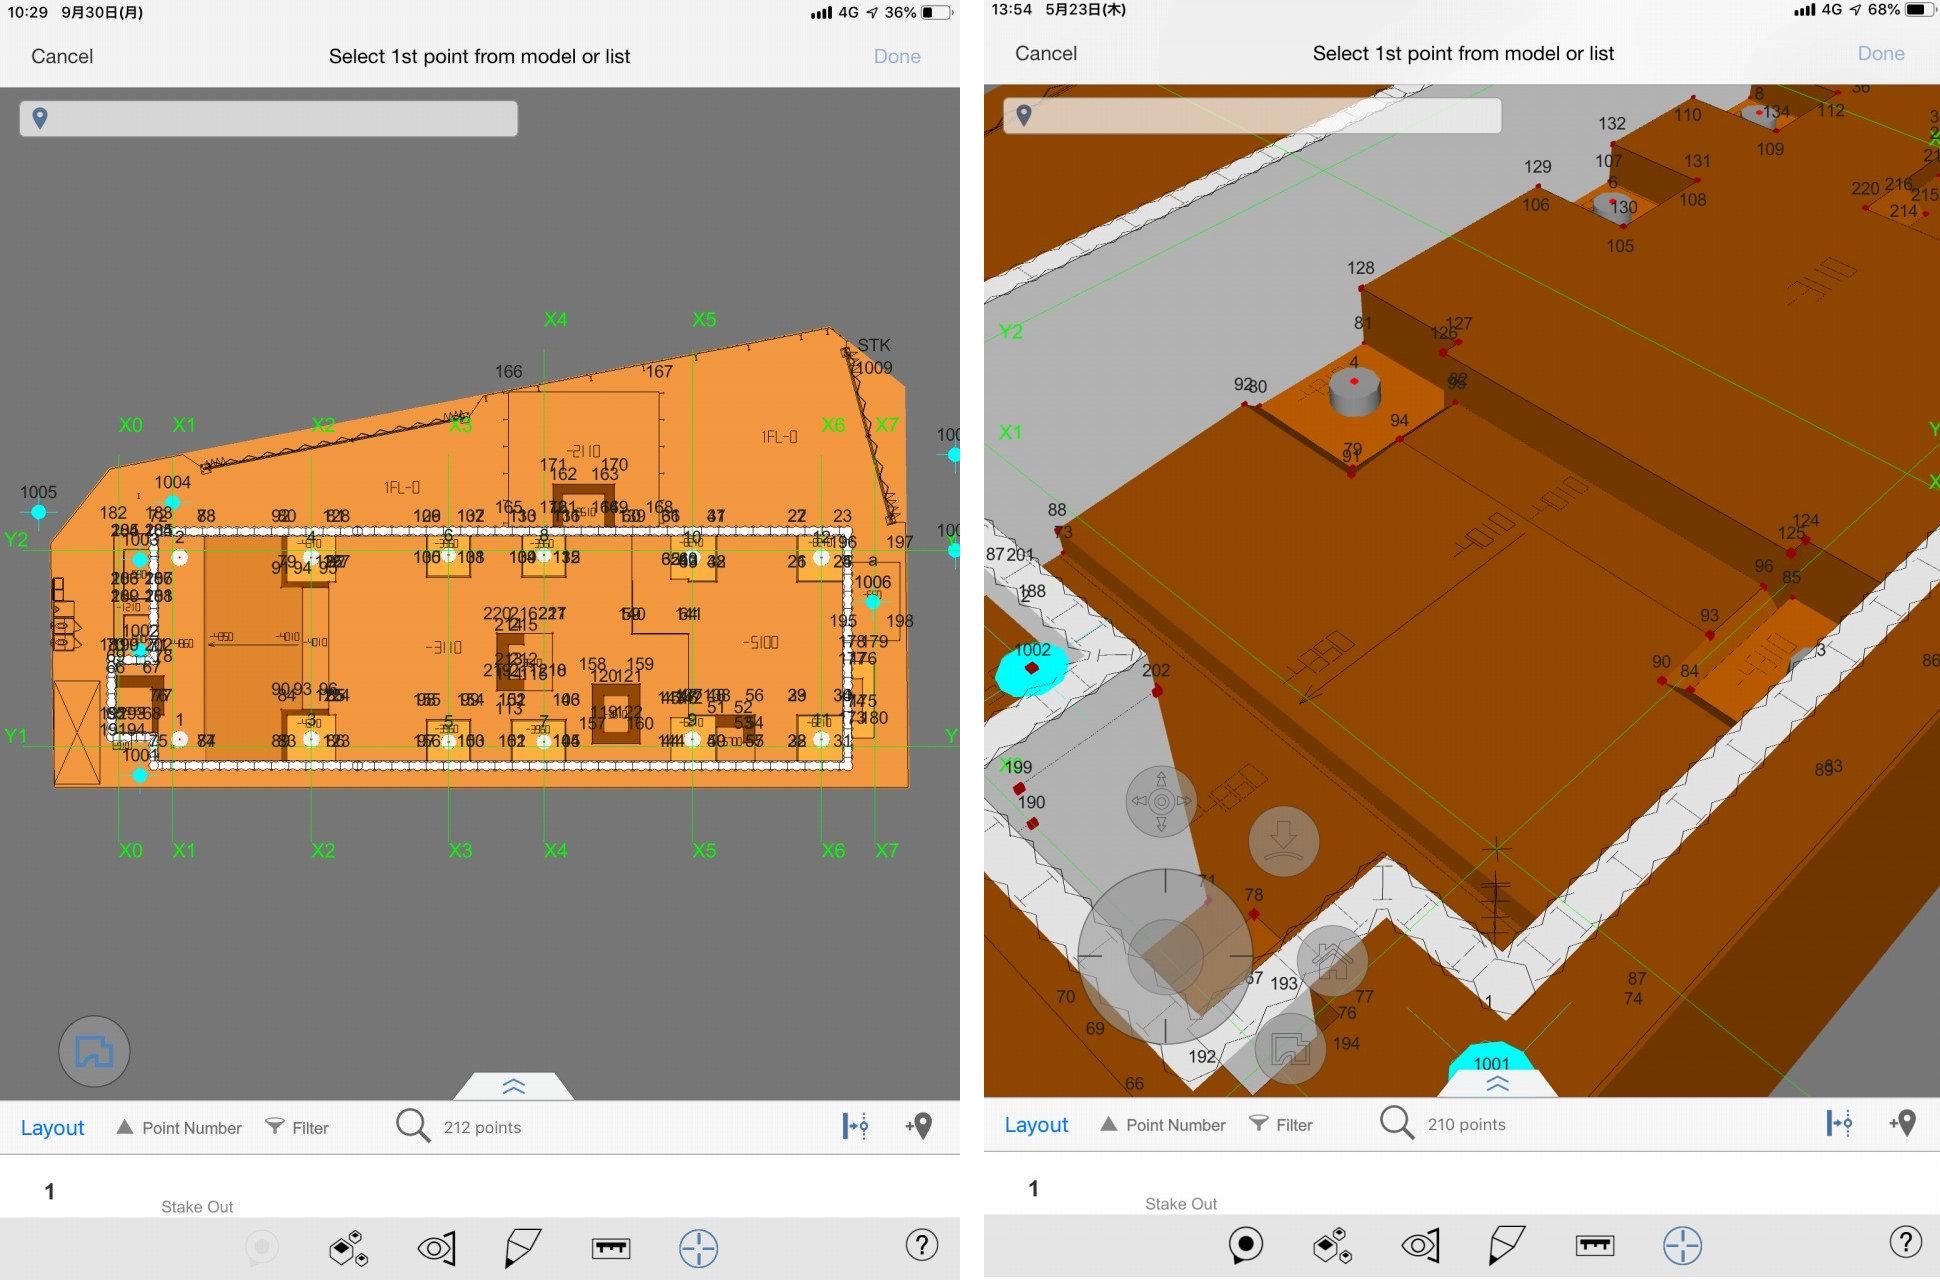 平面図だけだと測点の高さ位置がわかりにくい(左)。BIMモデル上に測点が3D表示されると測点がどこに配置されているかが見やすい(右)